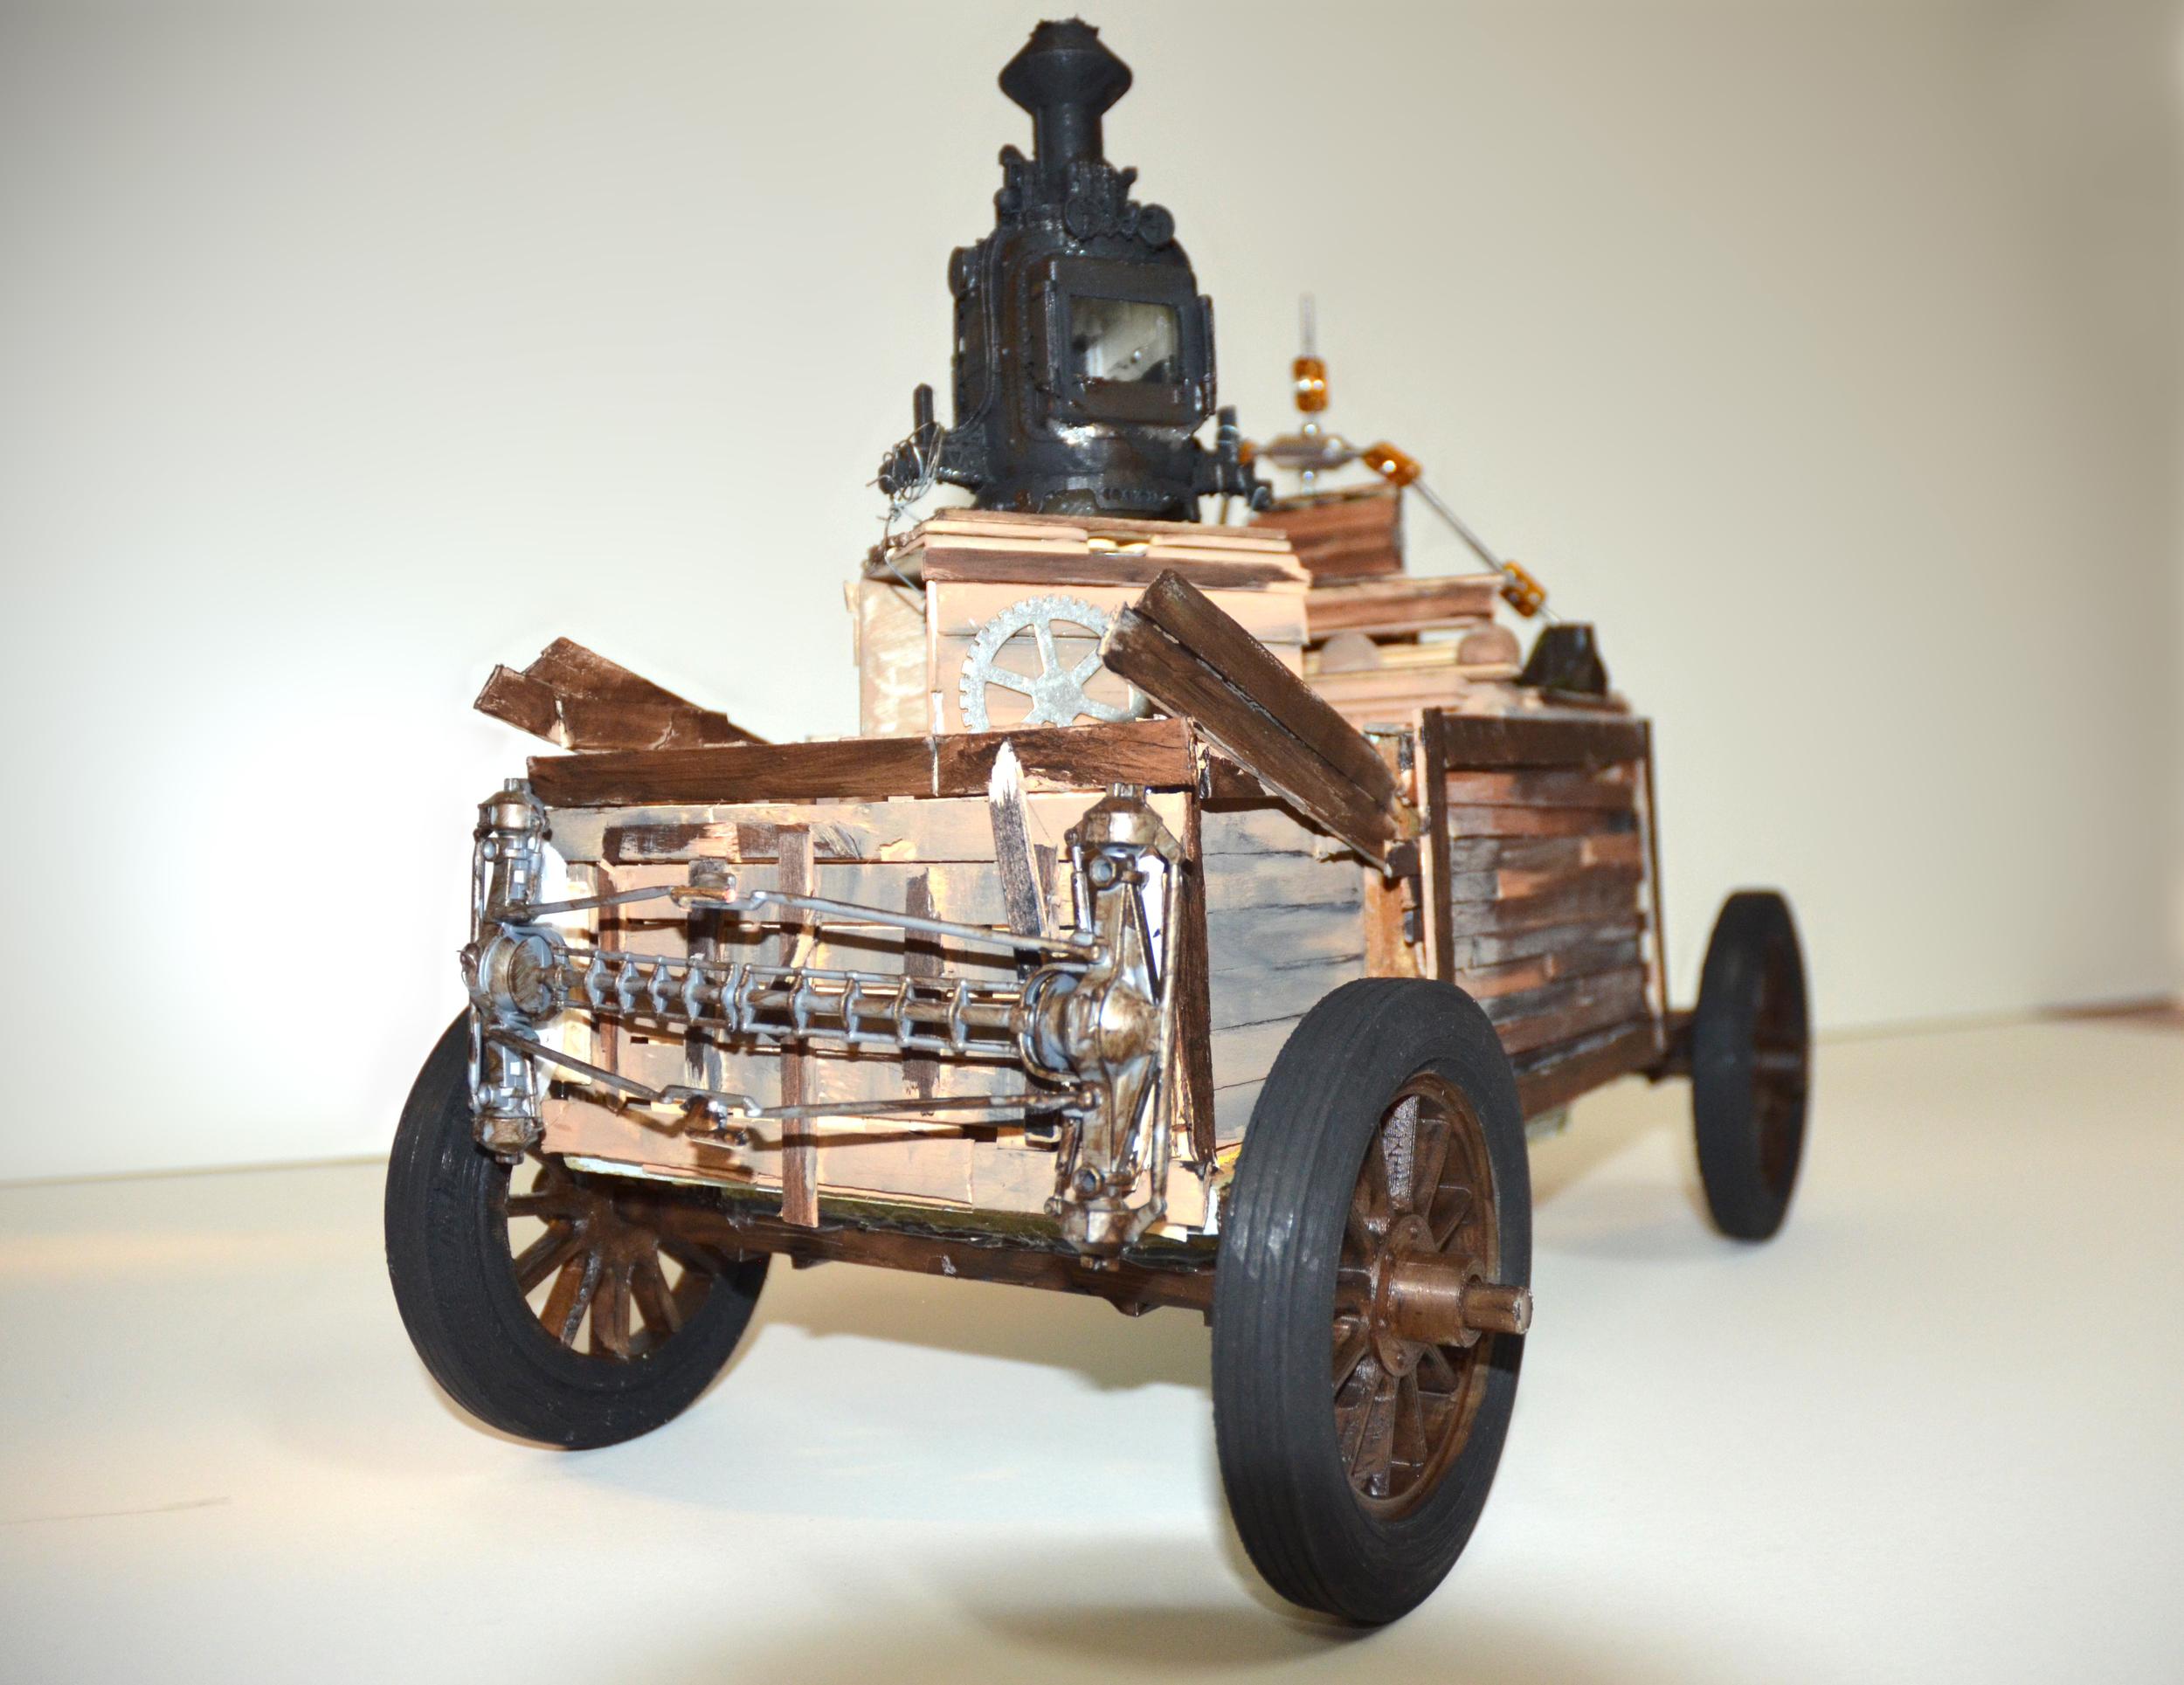 Josh-Funk-Miniature-Car-2.jpg